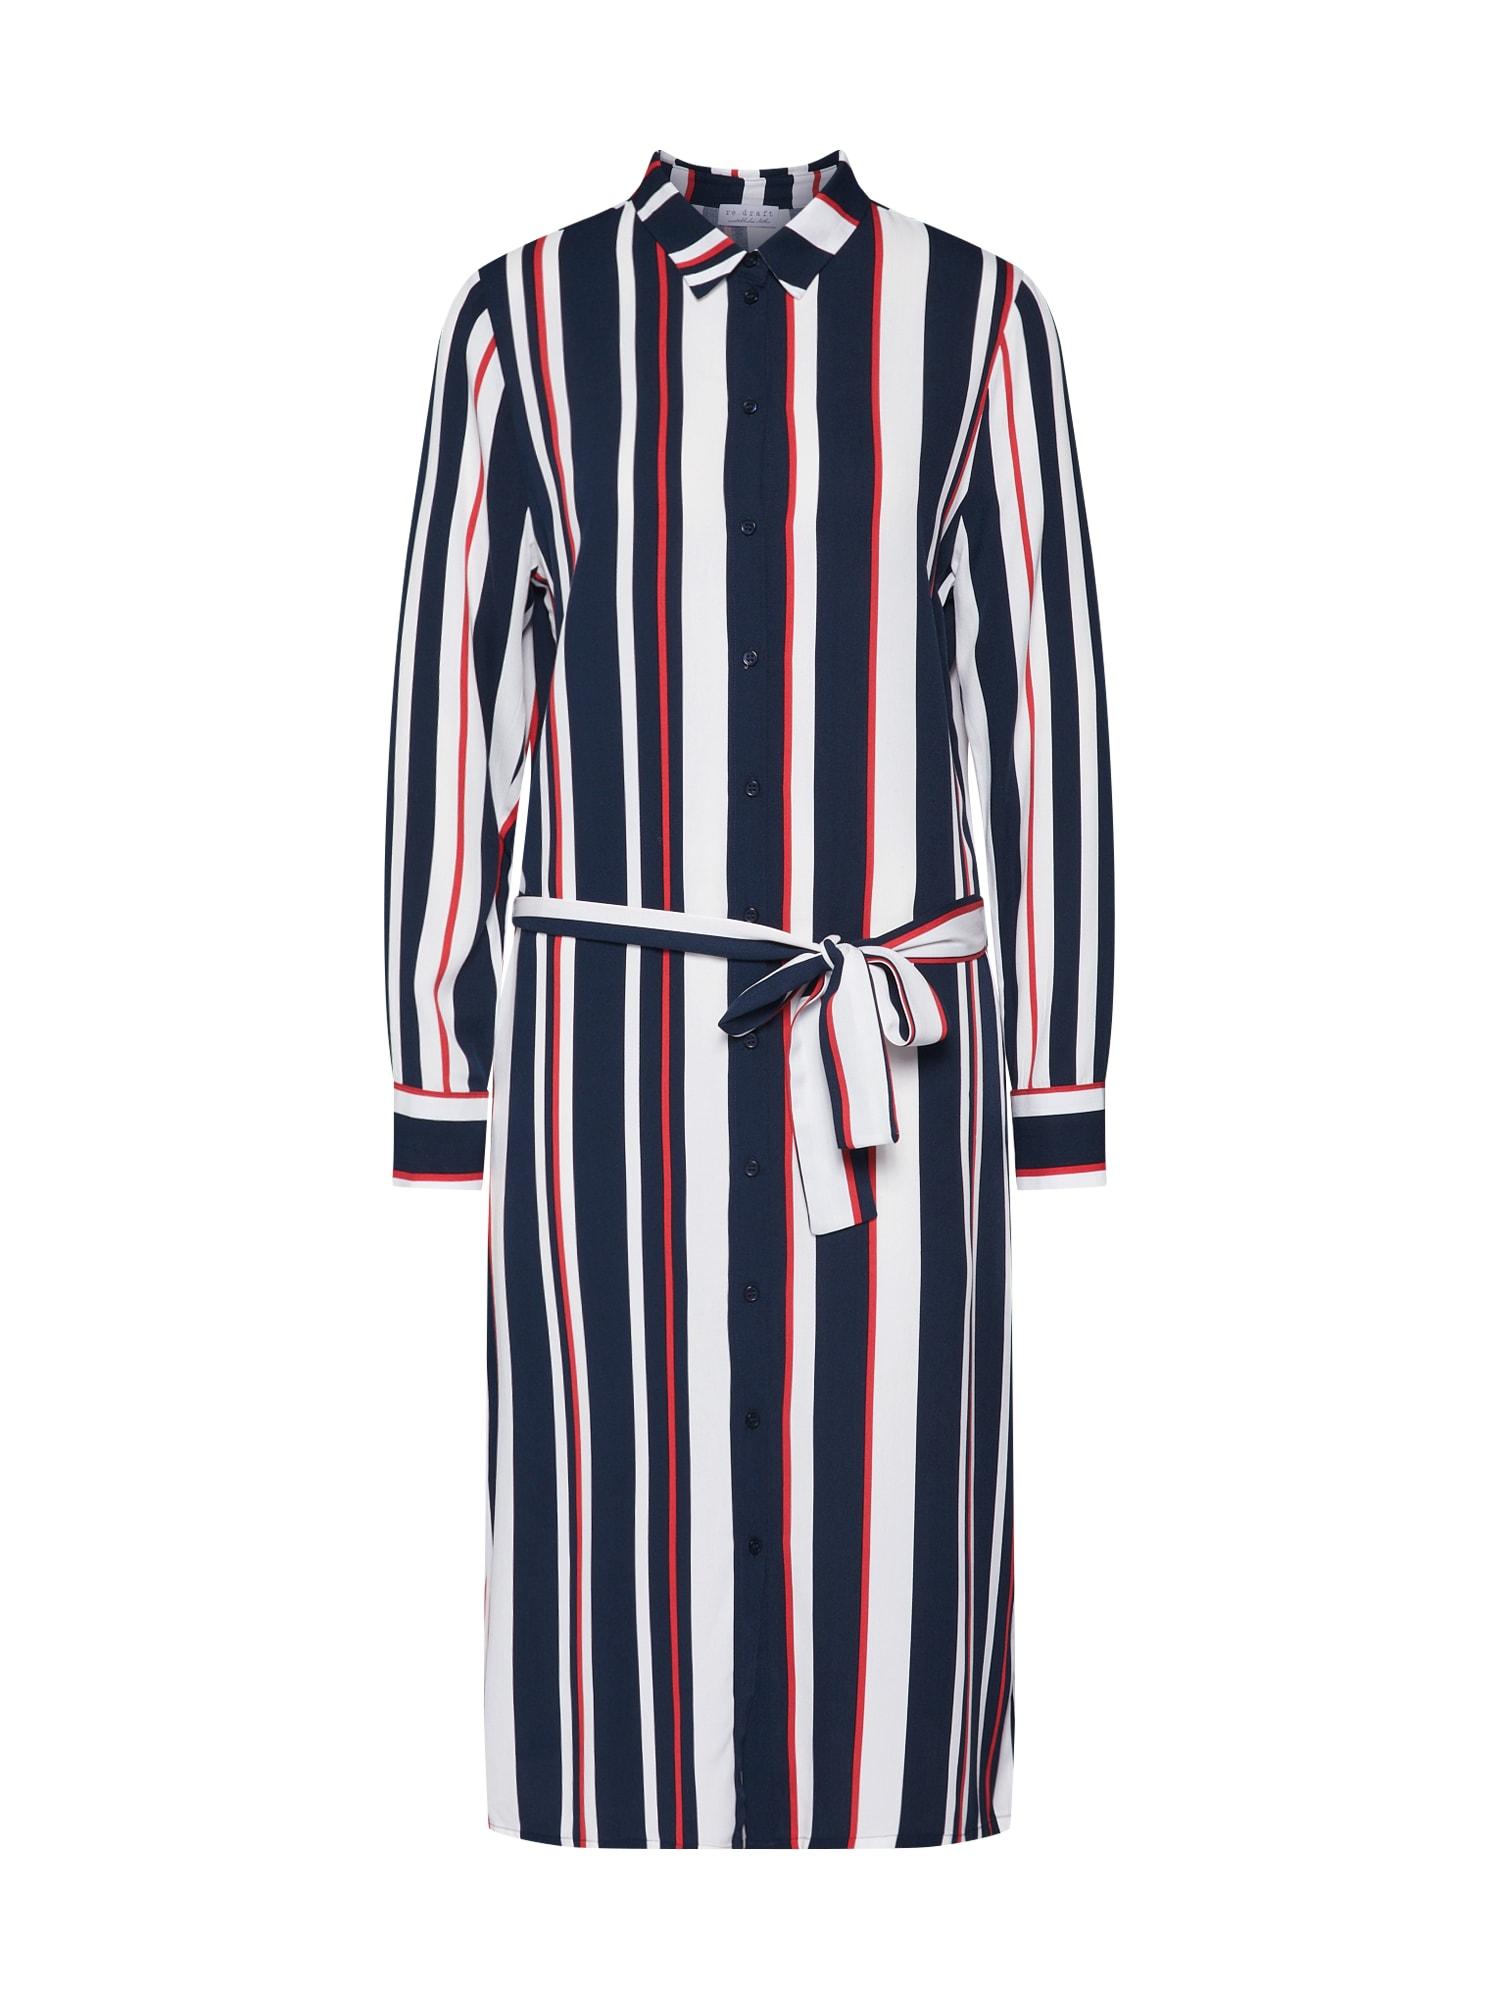 Košilové šaty námořnická modř červená bílá Re.draft